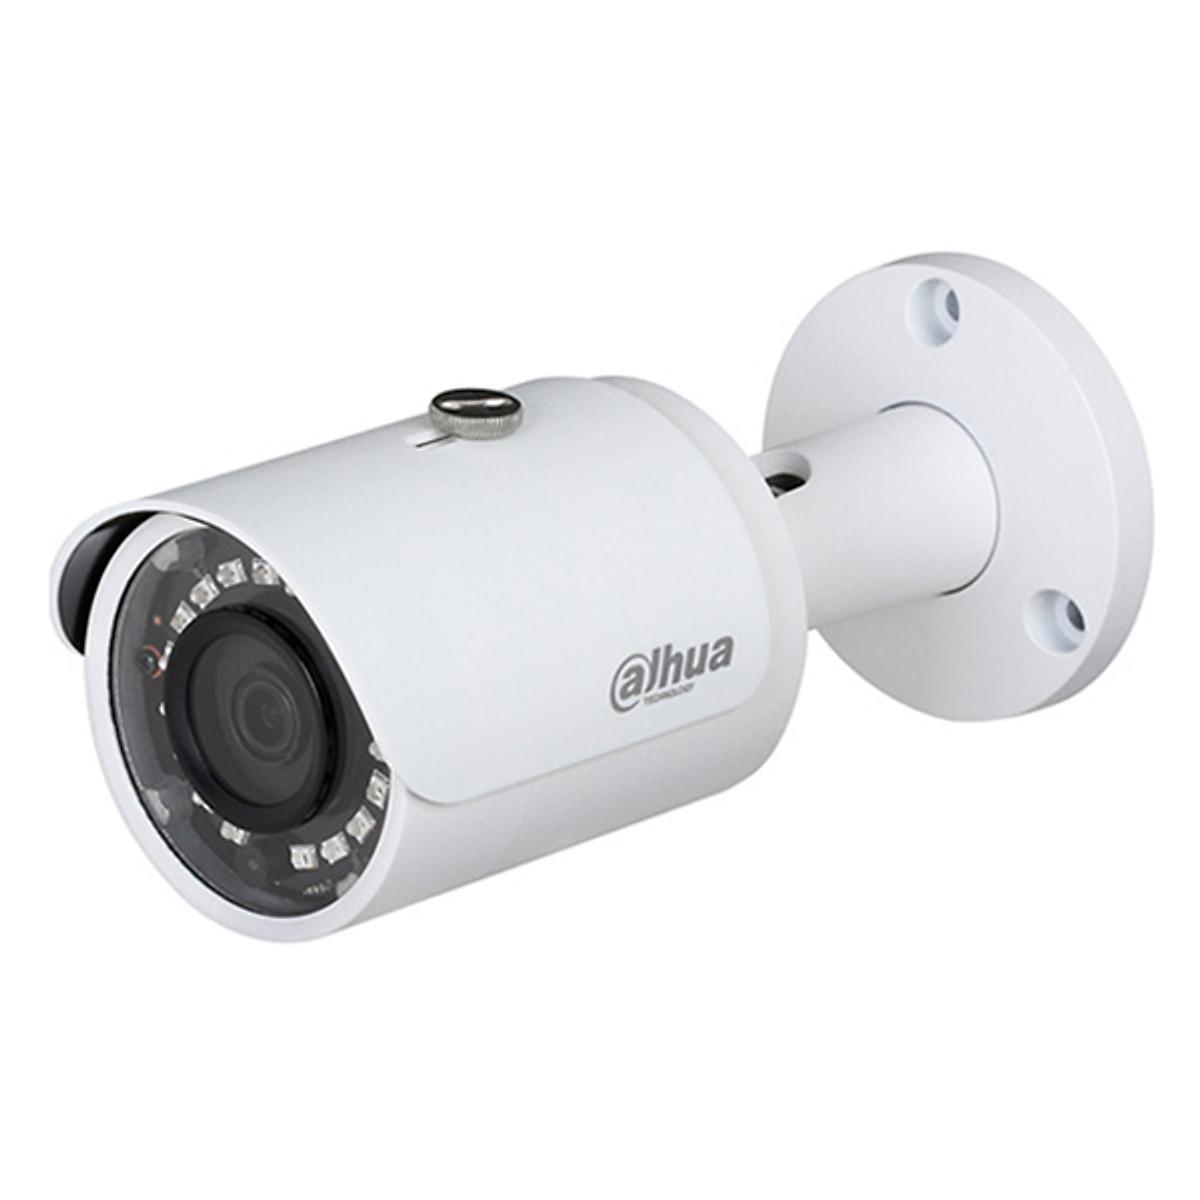 Camera Dahua IPC-HFW1430SP 4.0 Megapixel – Hàng Nhập Khẩu